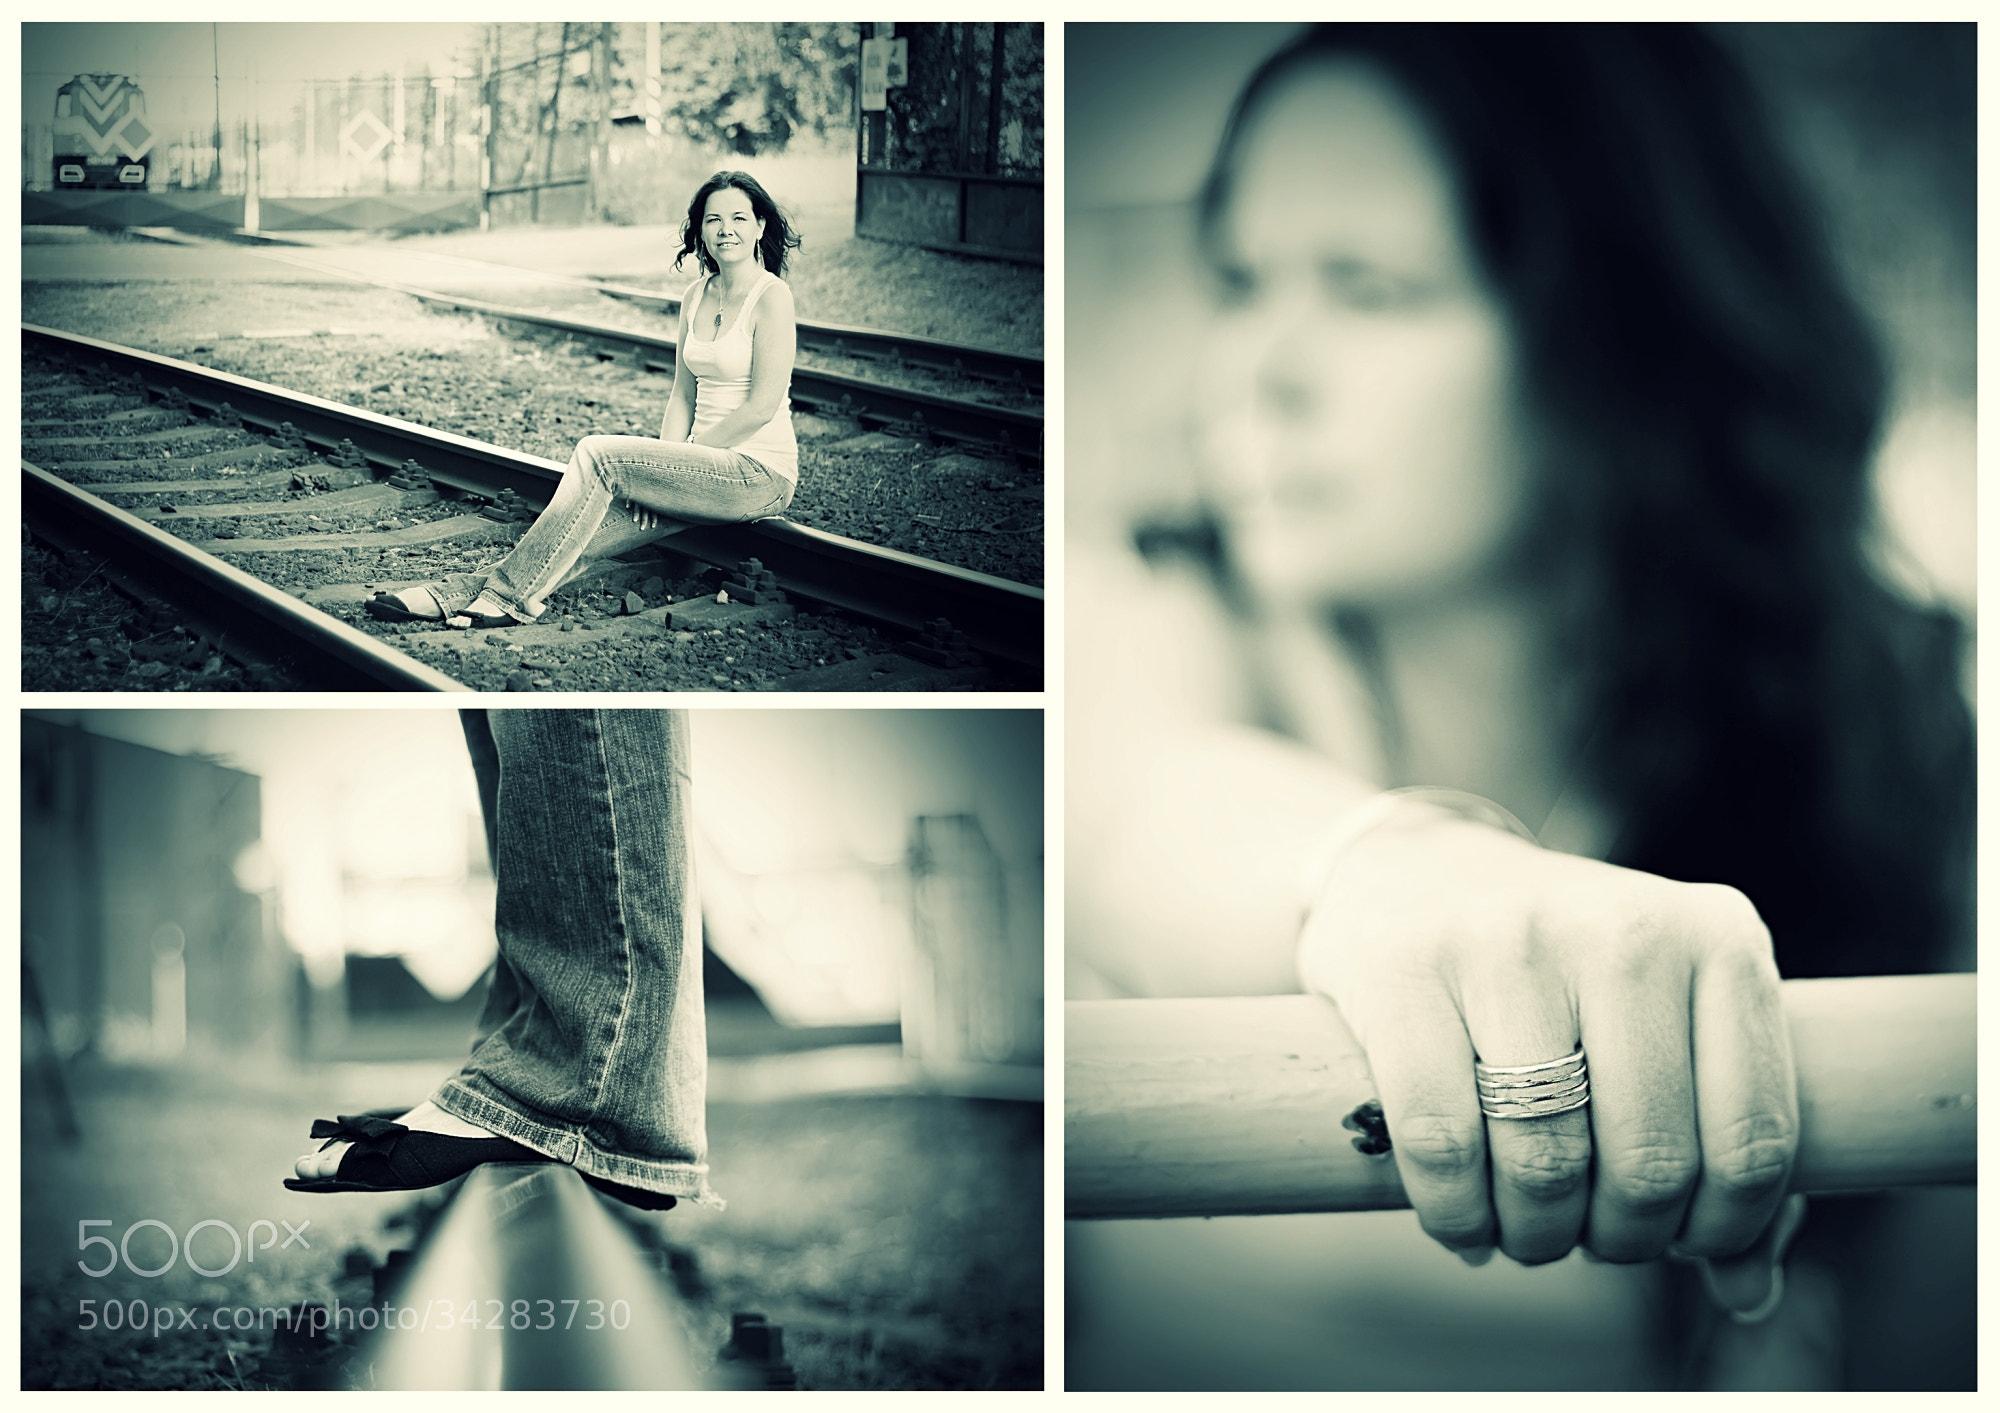 Photograph In railway... by Hanna Králíková on 500px